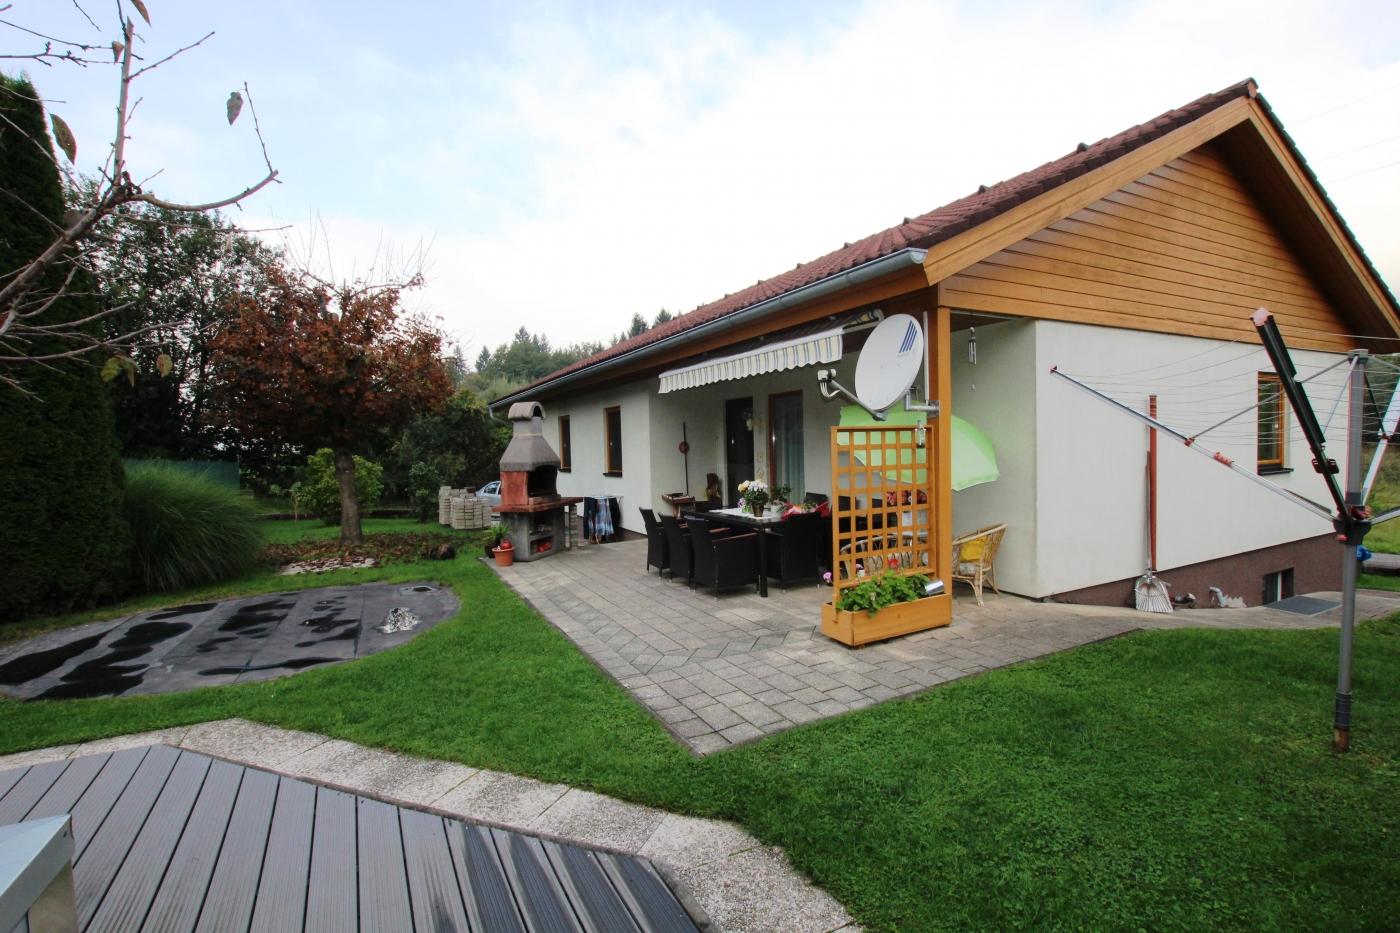 Haus, Tauernweg 13, 9241, Wernberg